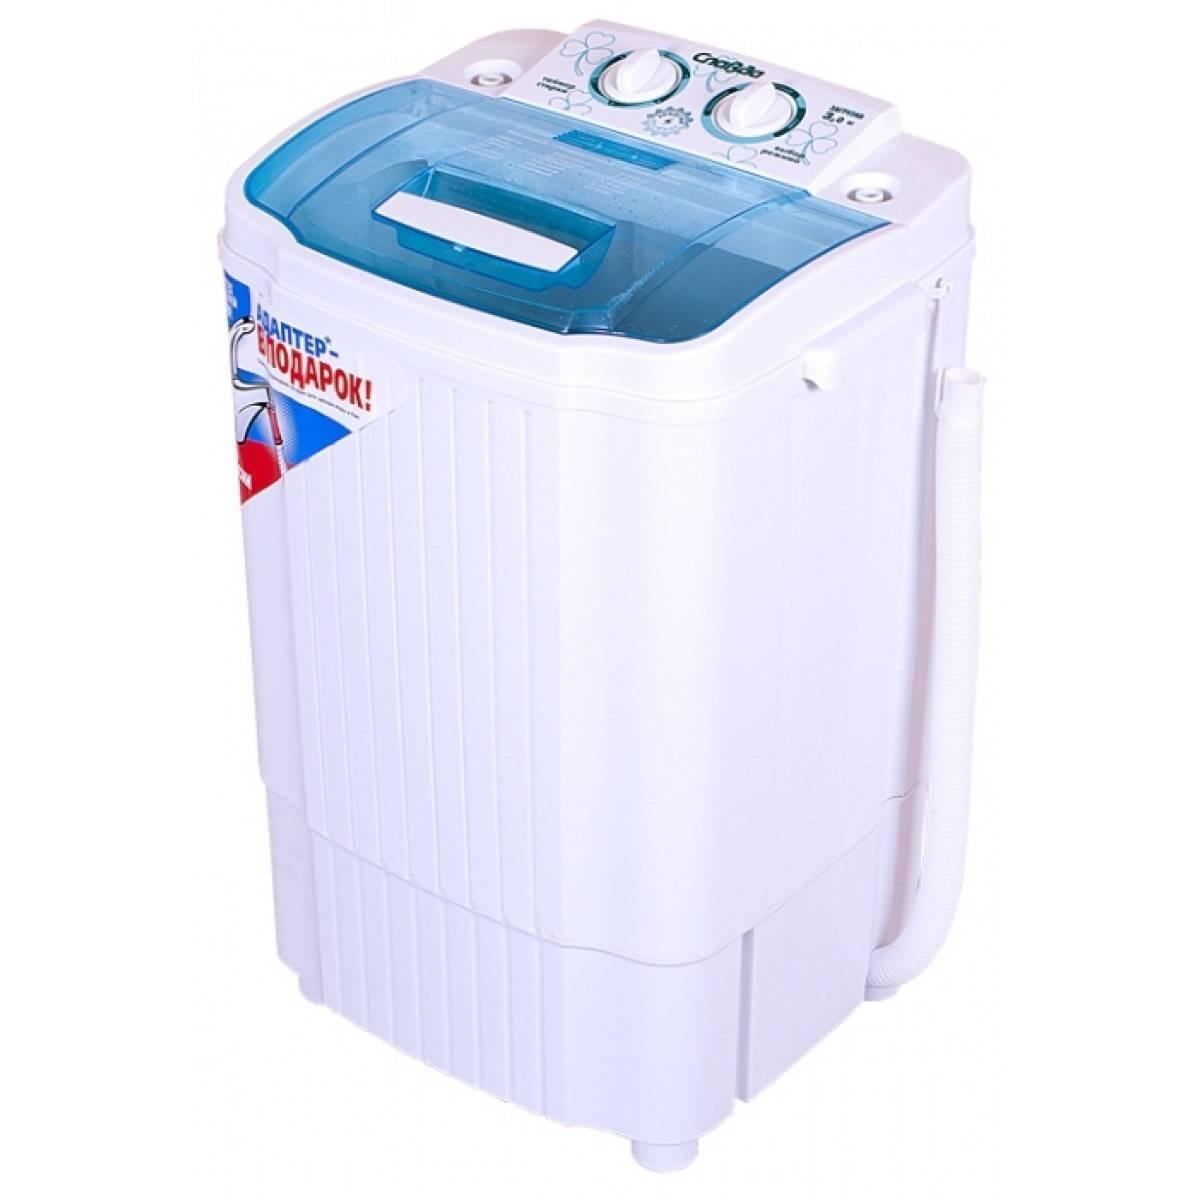 видео, относящееся купить стиральную машину спб недорого актуальная база объявлений